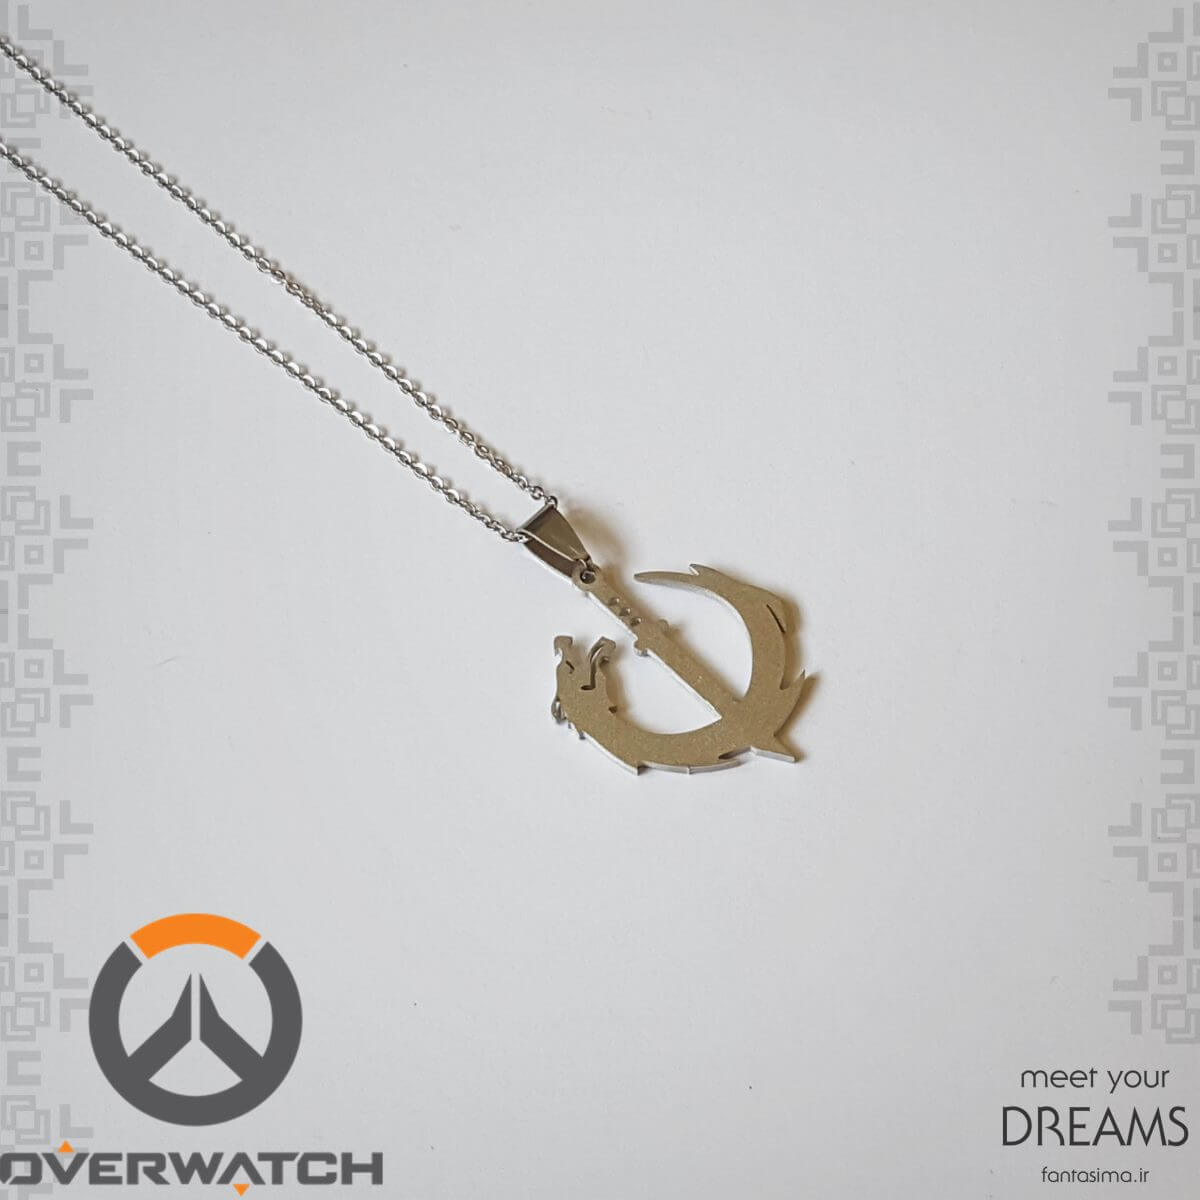 گردنبند استیل نماد گنجی-اورواچ - مات